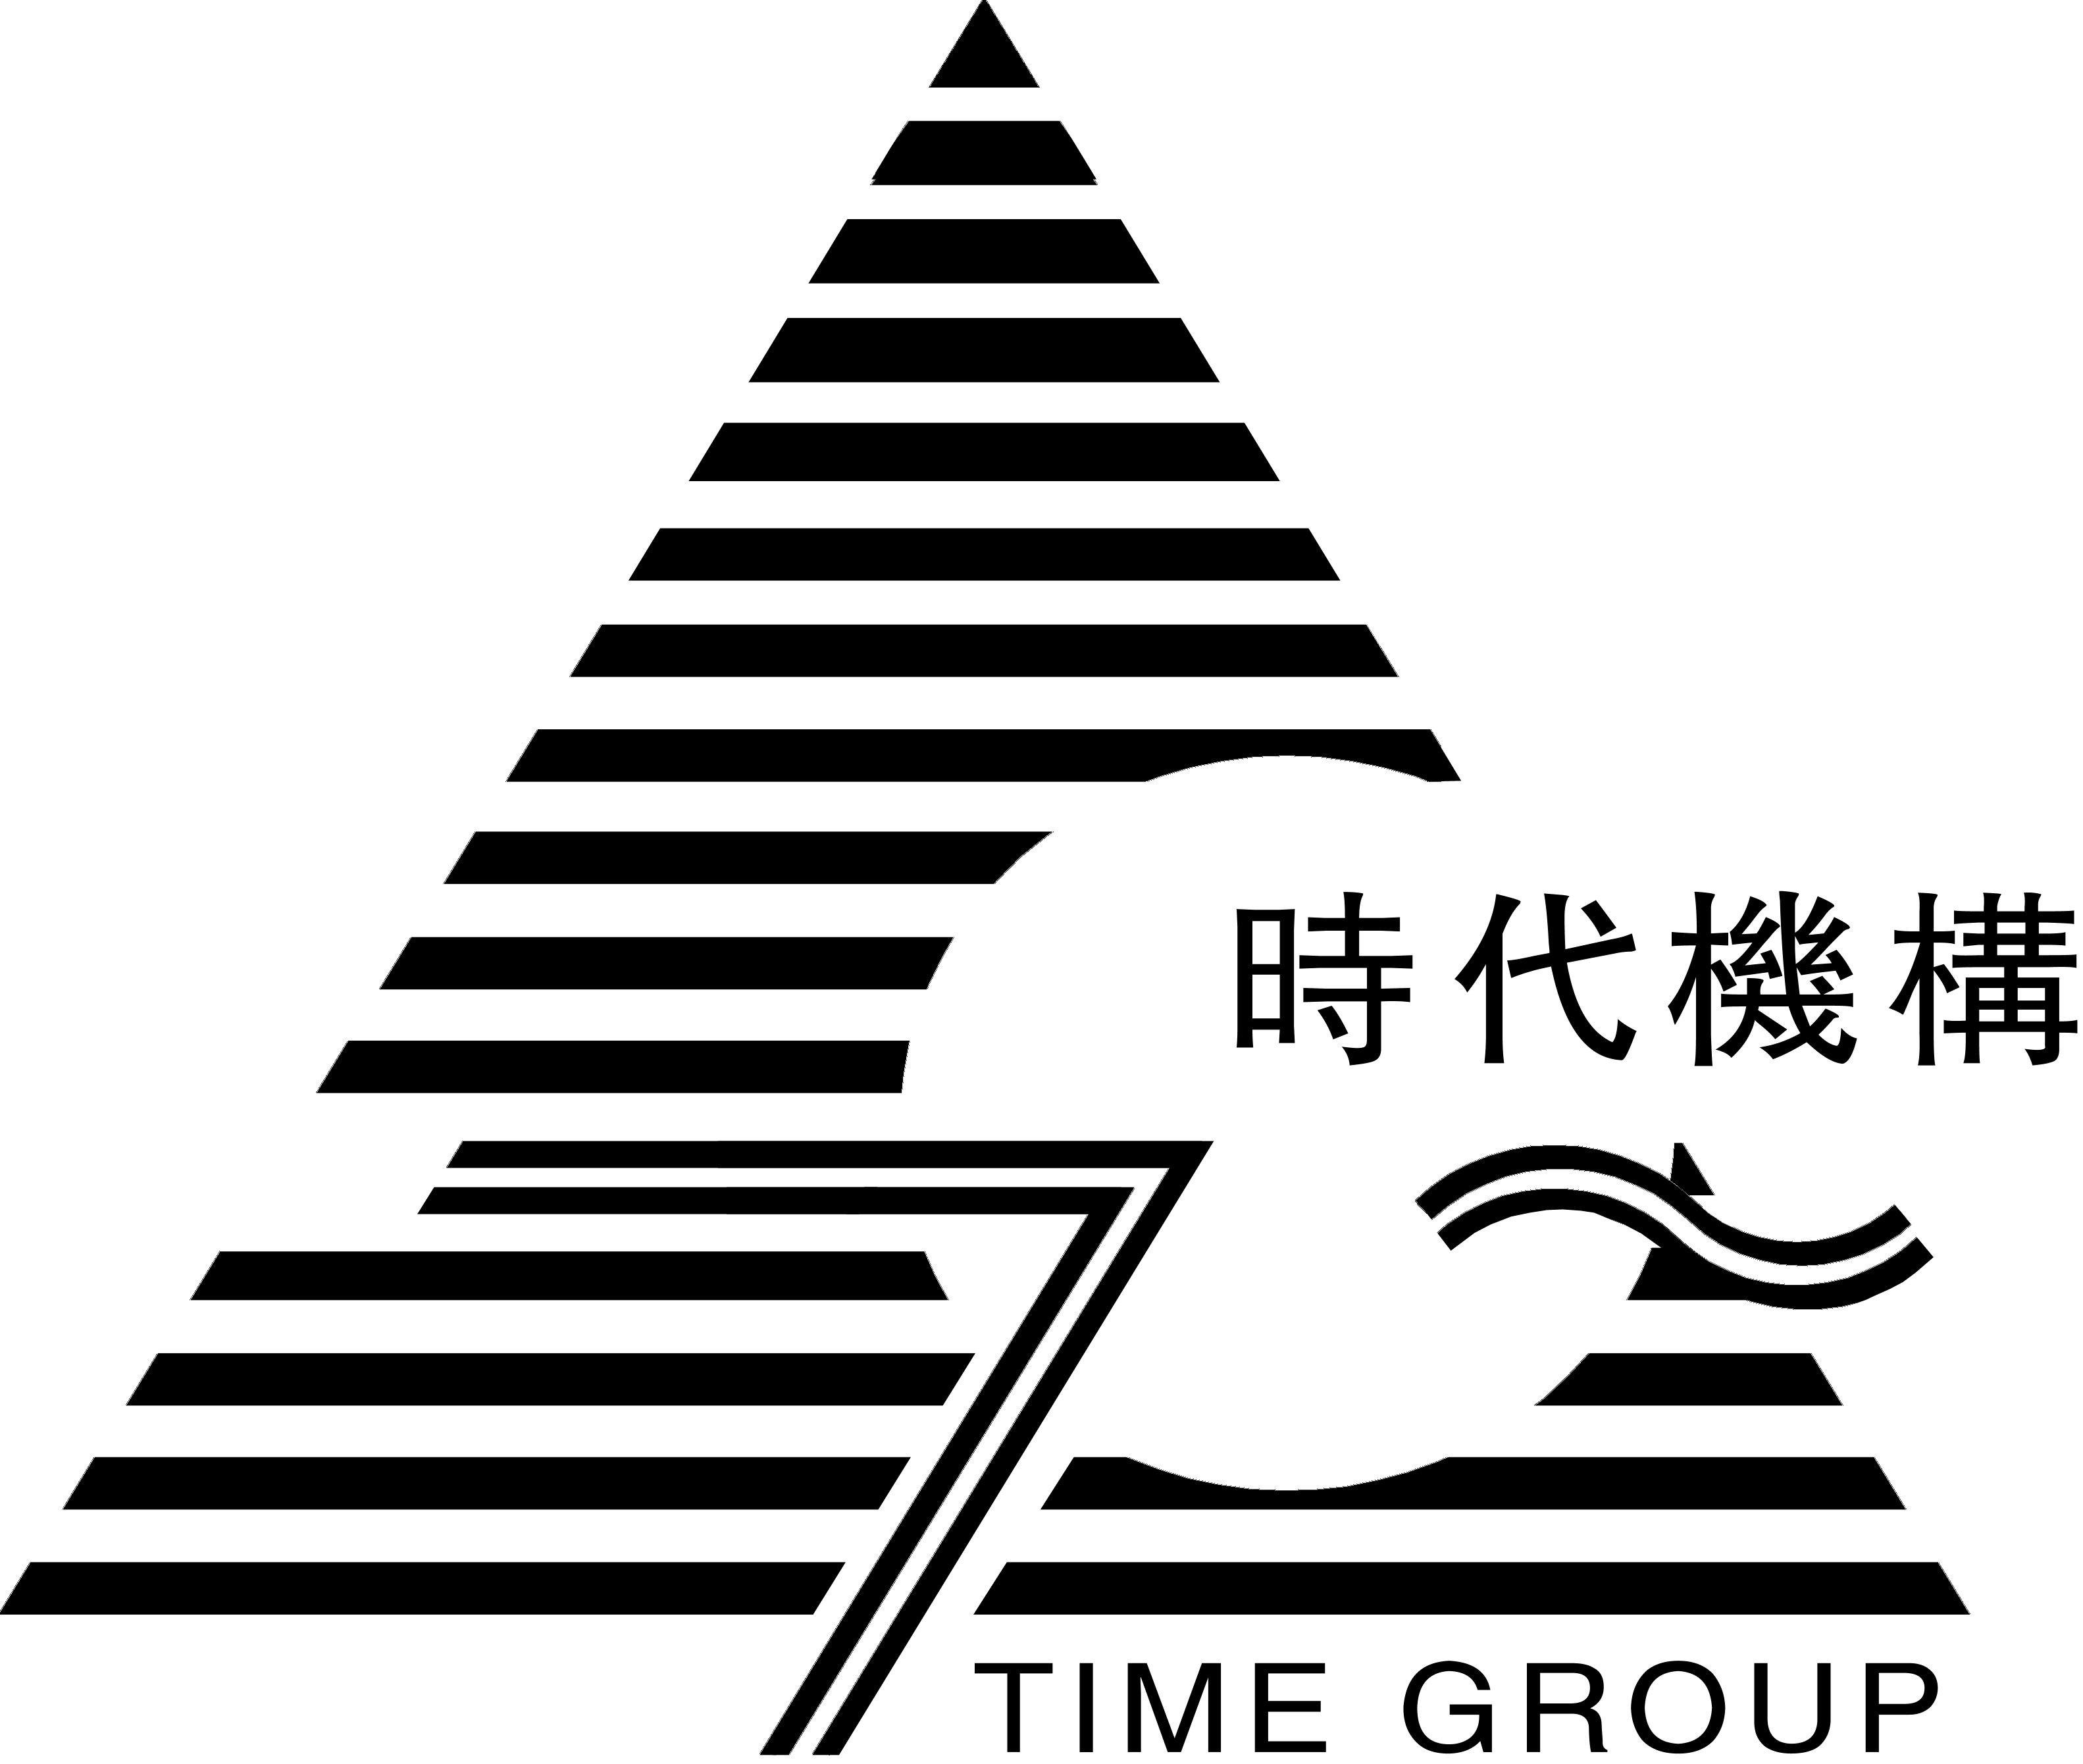 時代建筑設計院(福建)有限公司